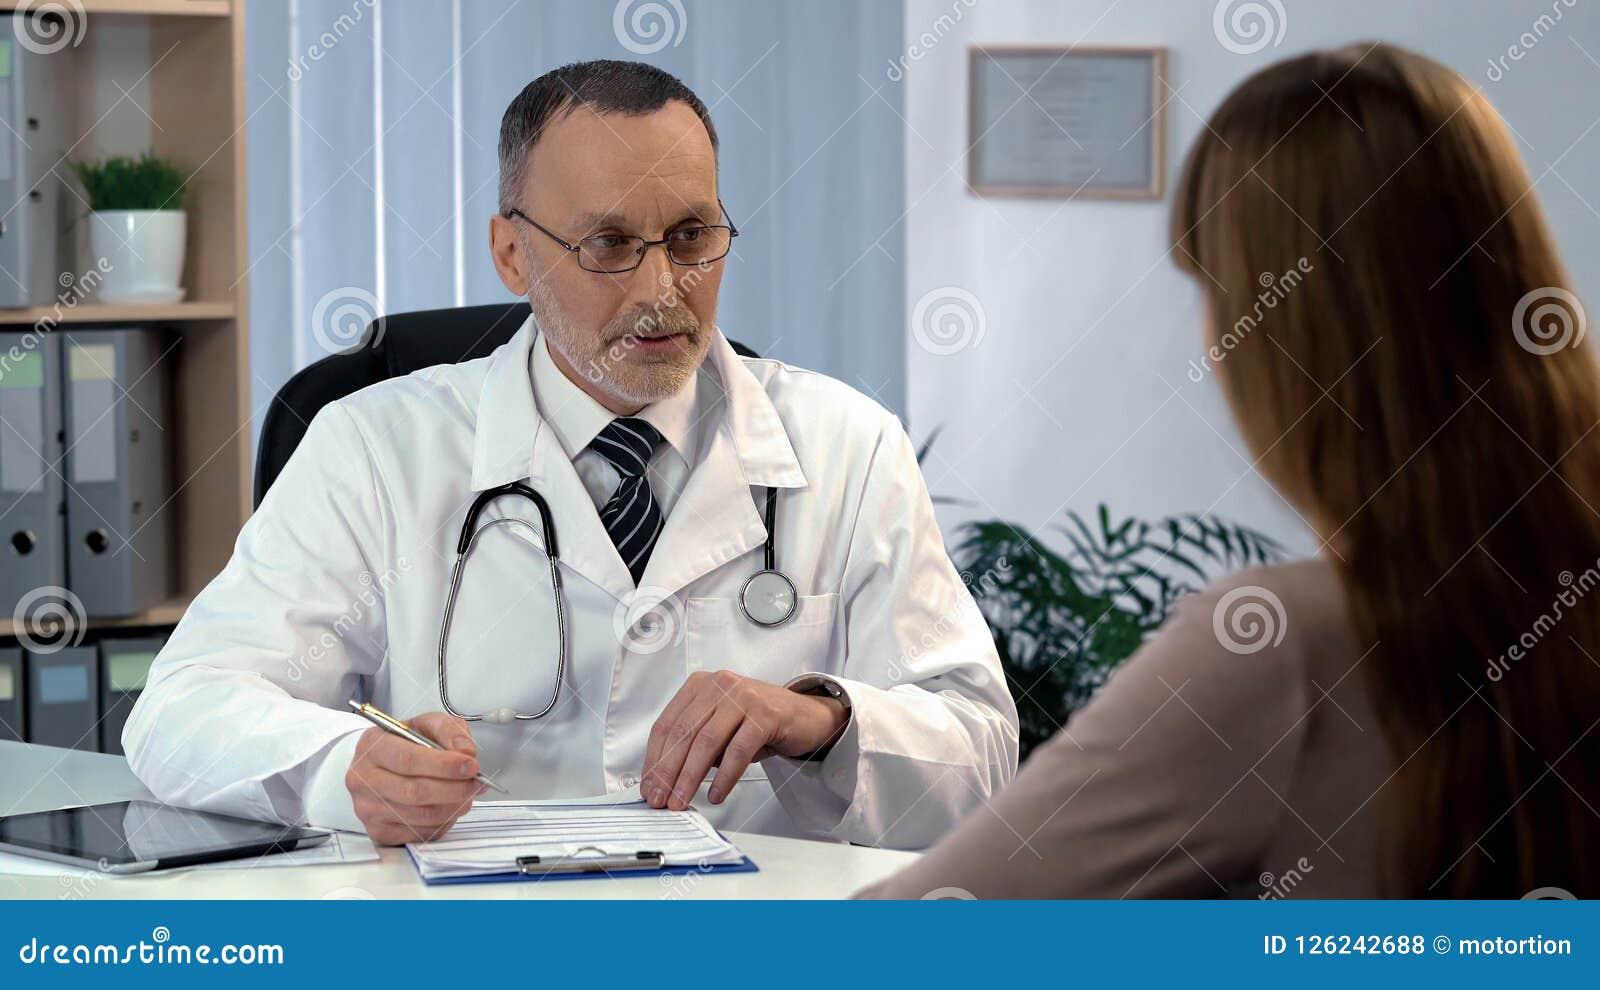 Médico de cabecera que escucha el paciente, completando seguro médico, atención sanitaria